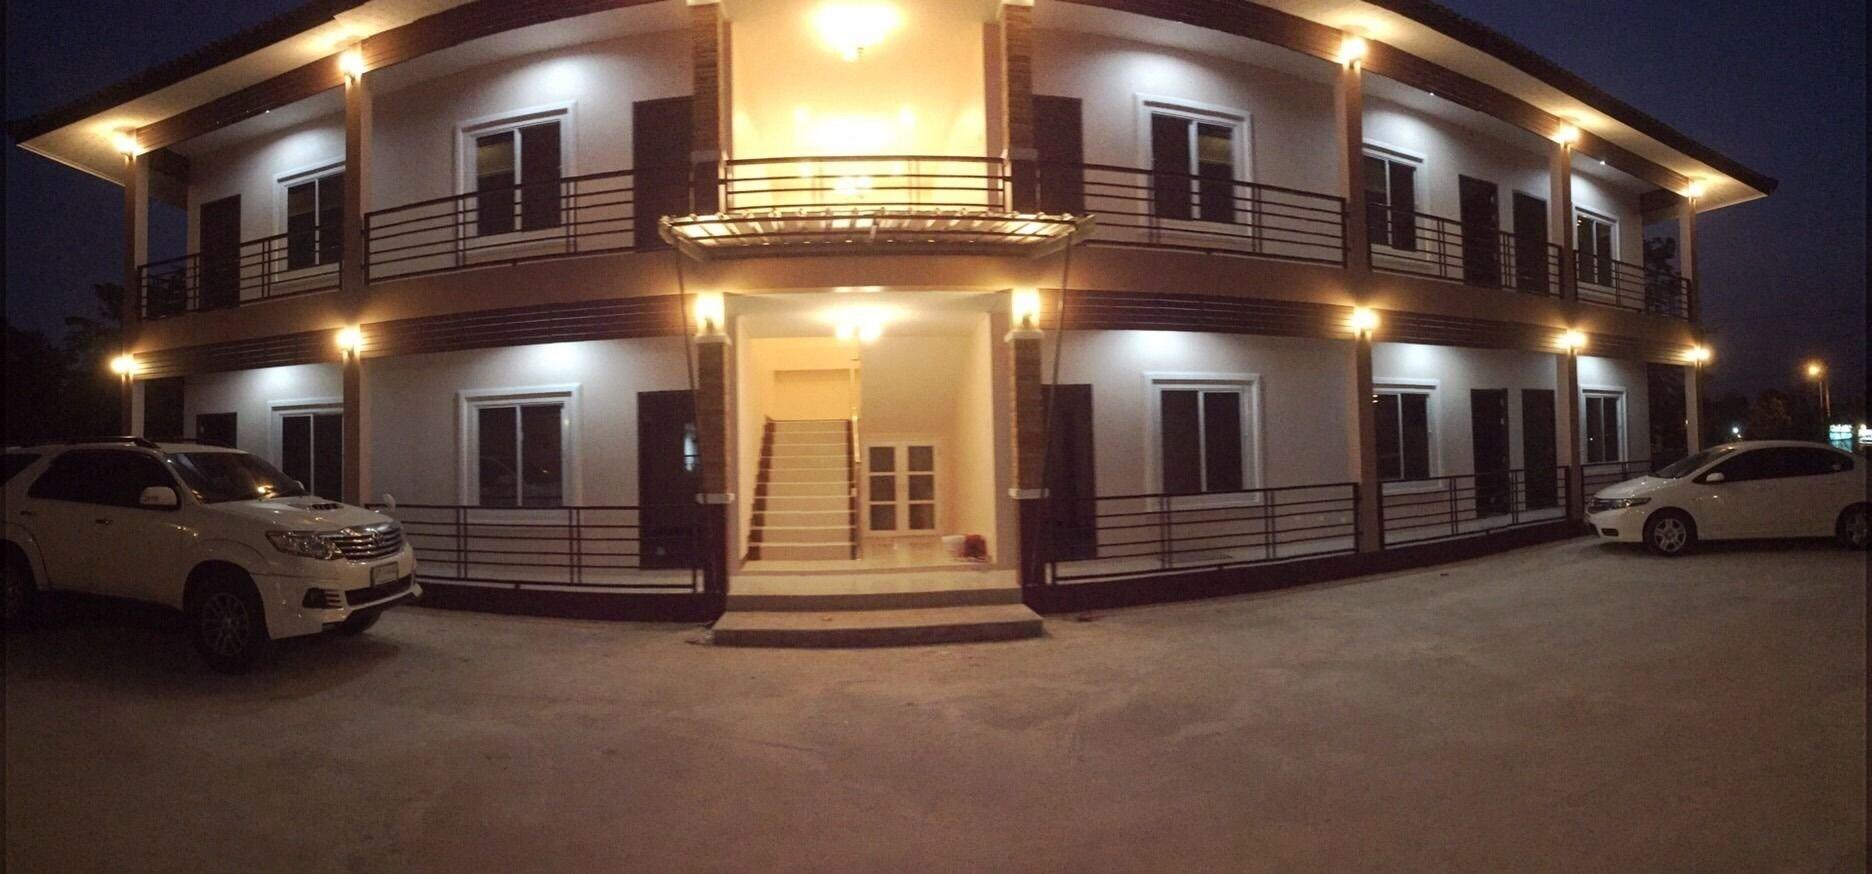 ThanaVill Resort, Mae Sot